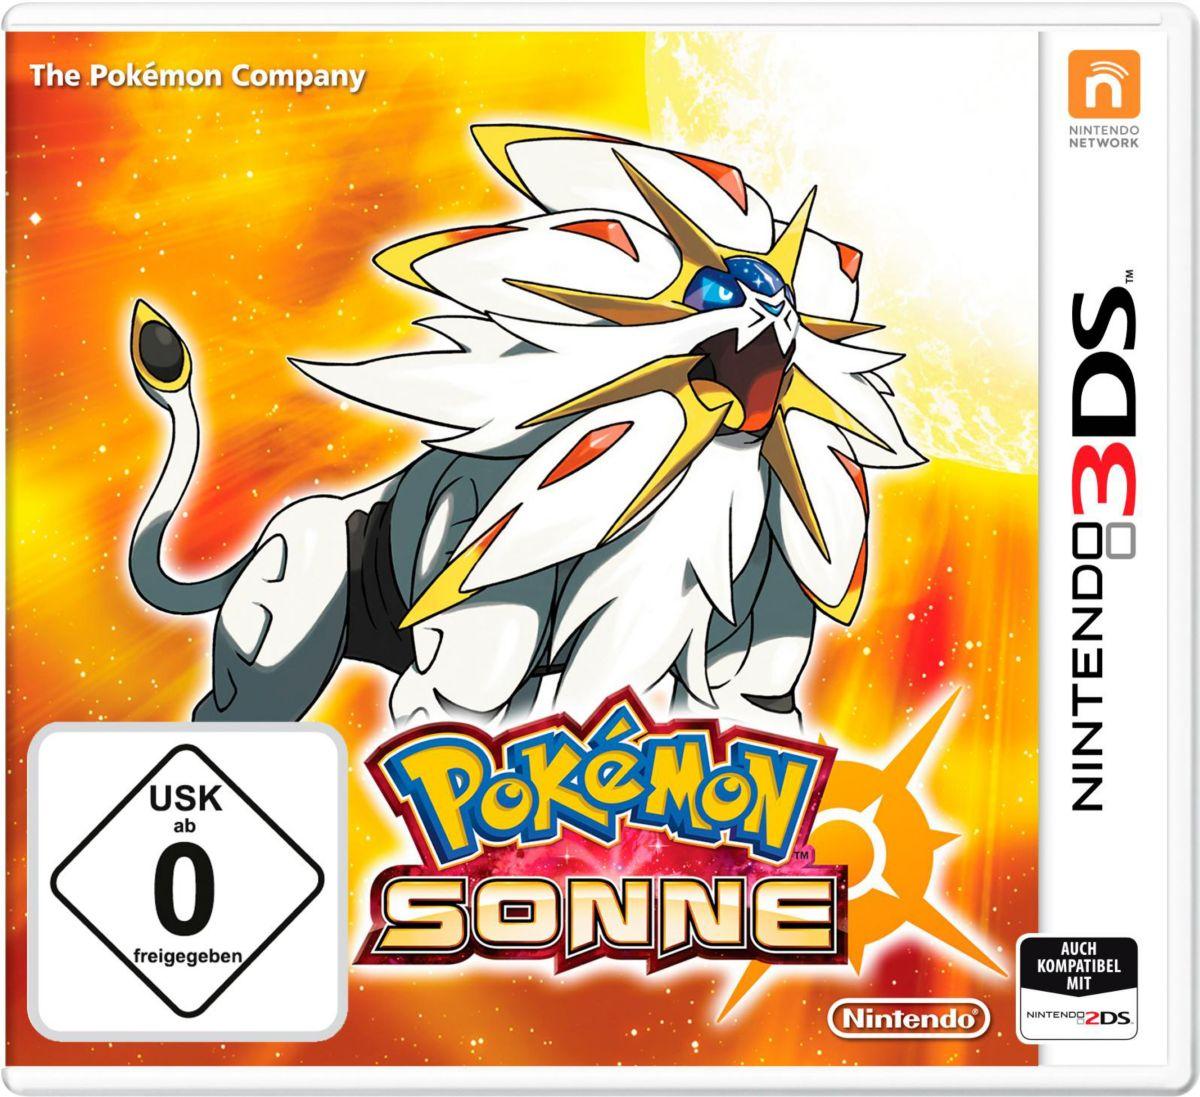 Pokémon Sonne Nintendo 3DS